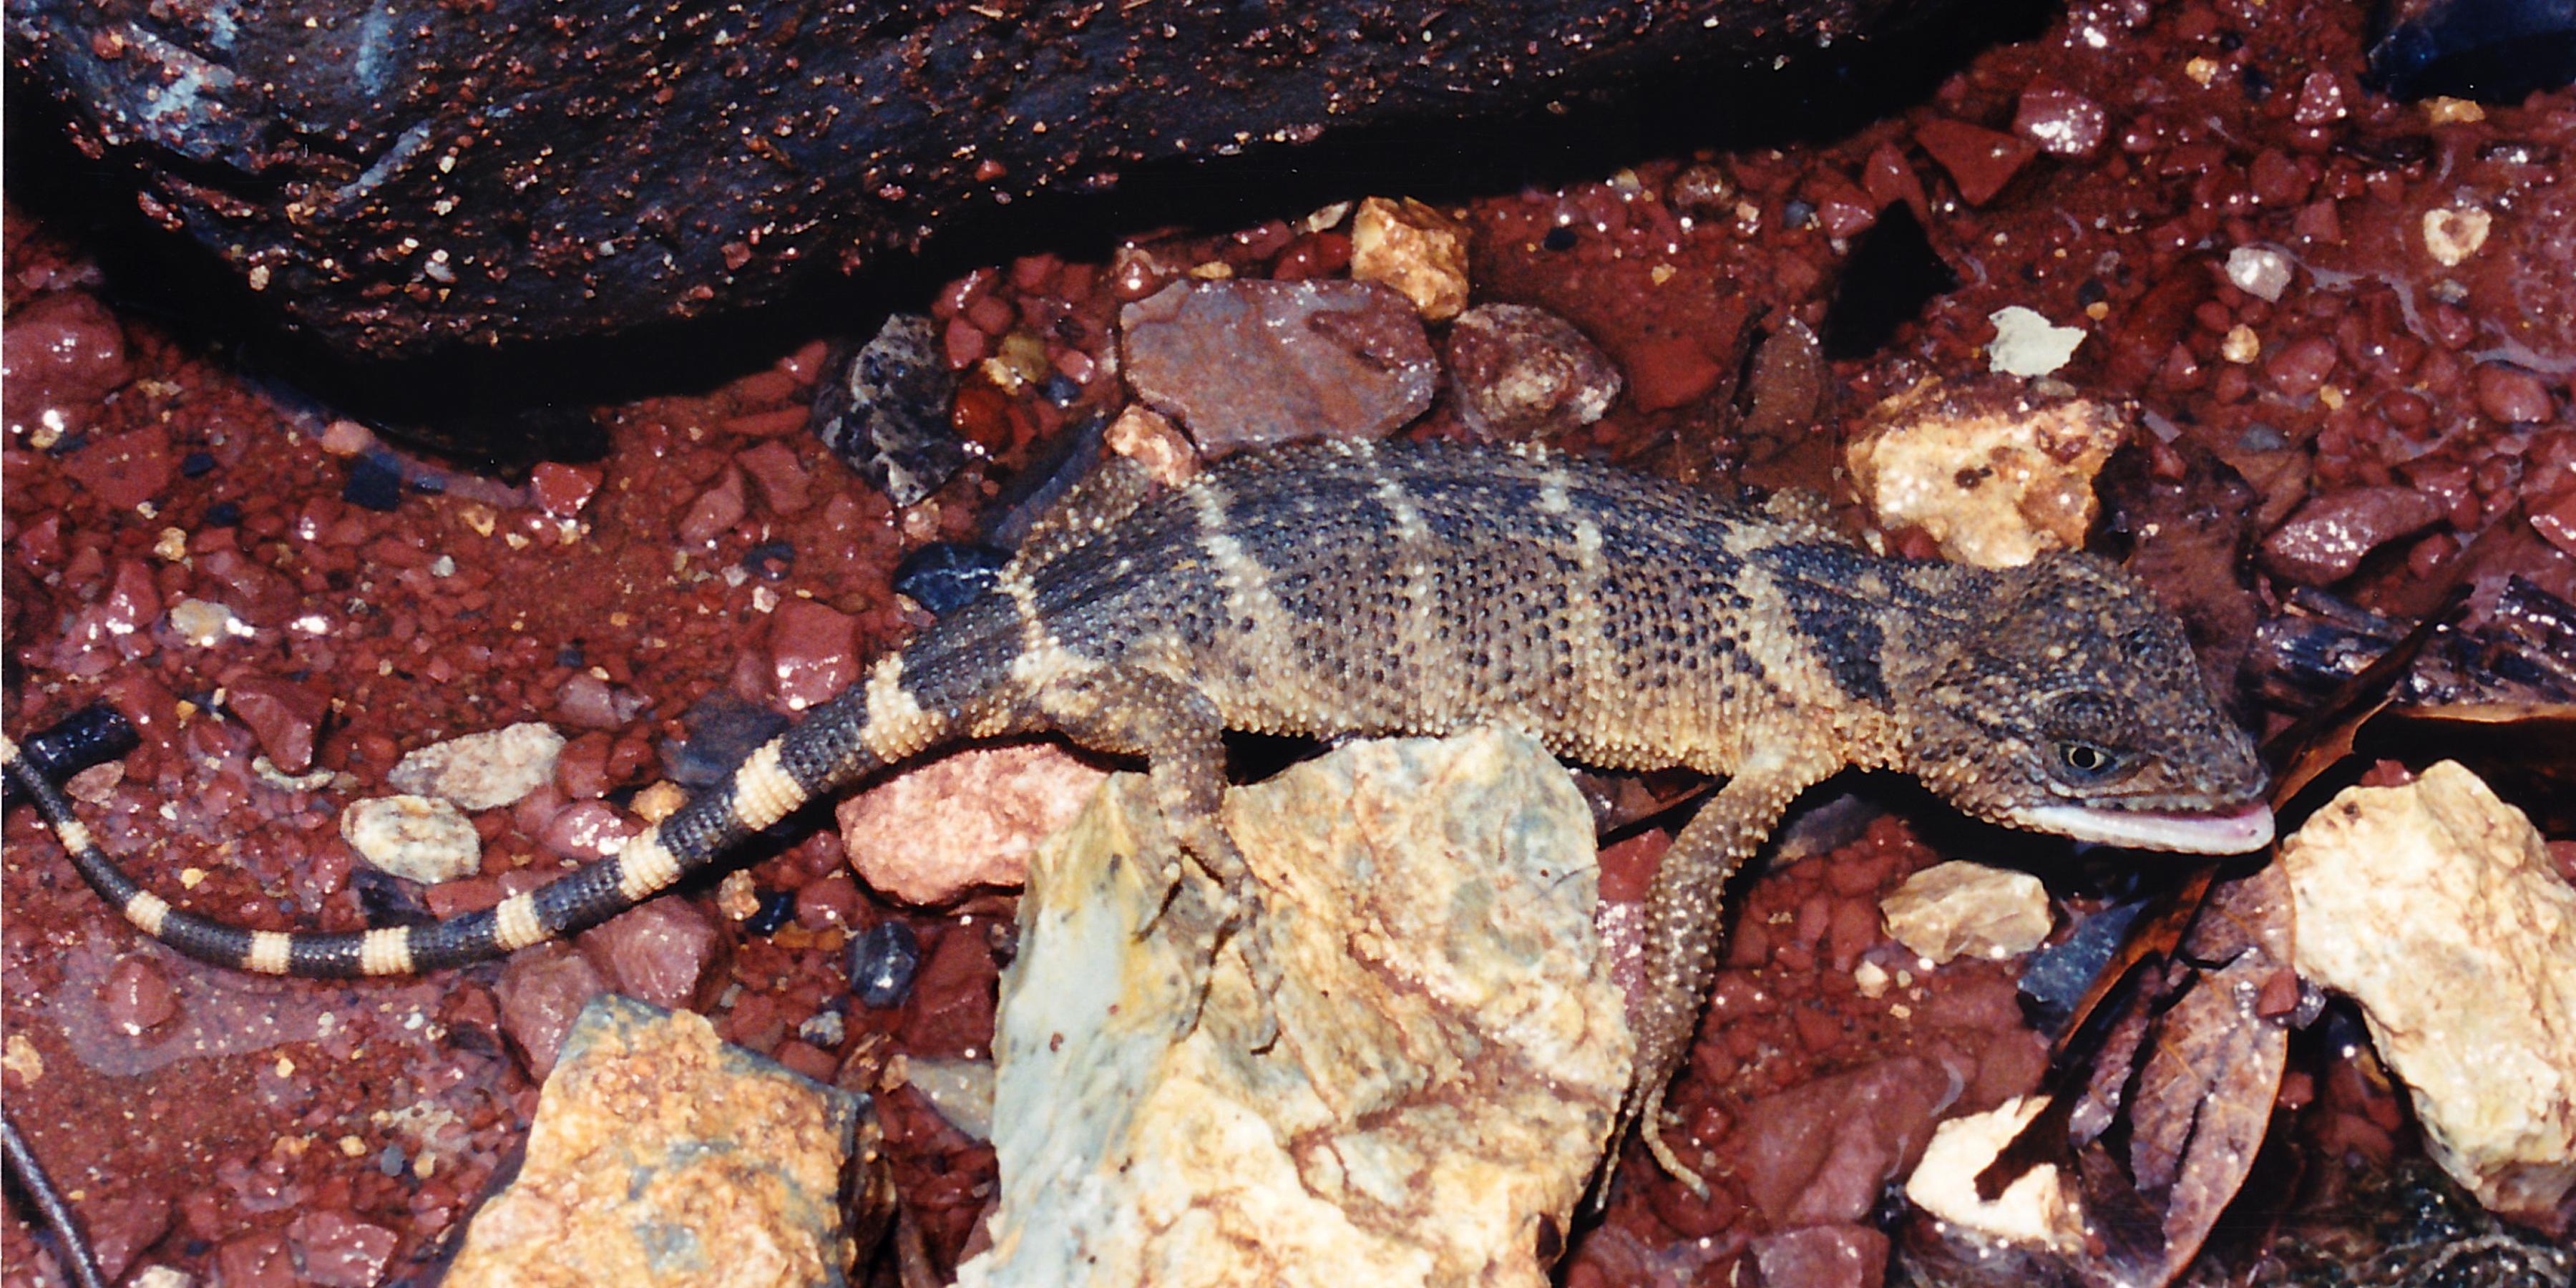 Xenosaurus Newmanorum